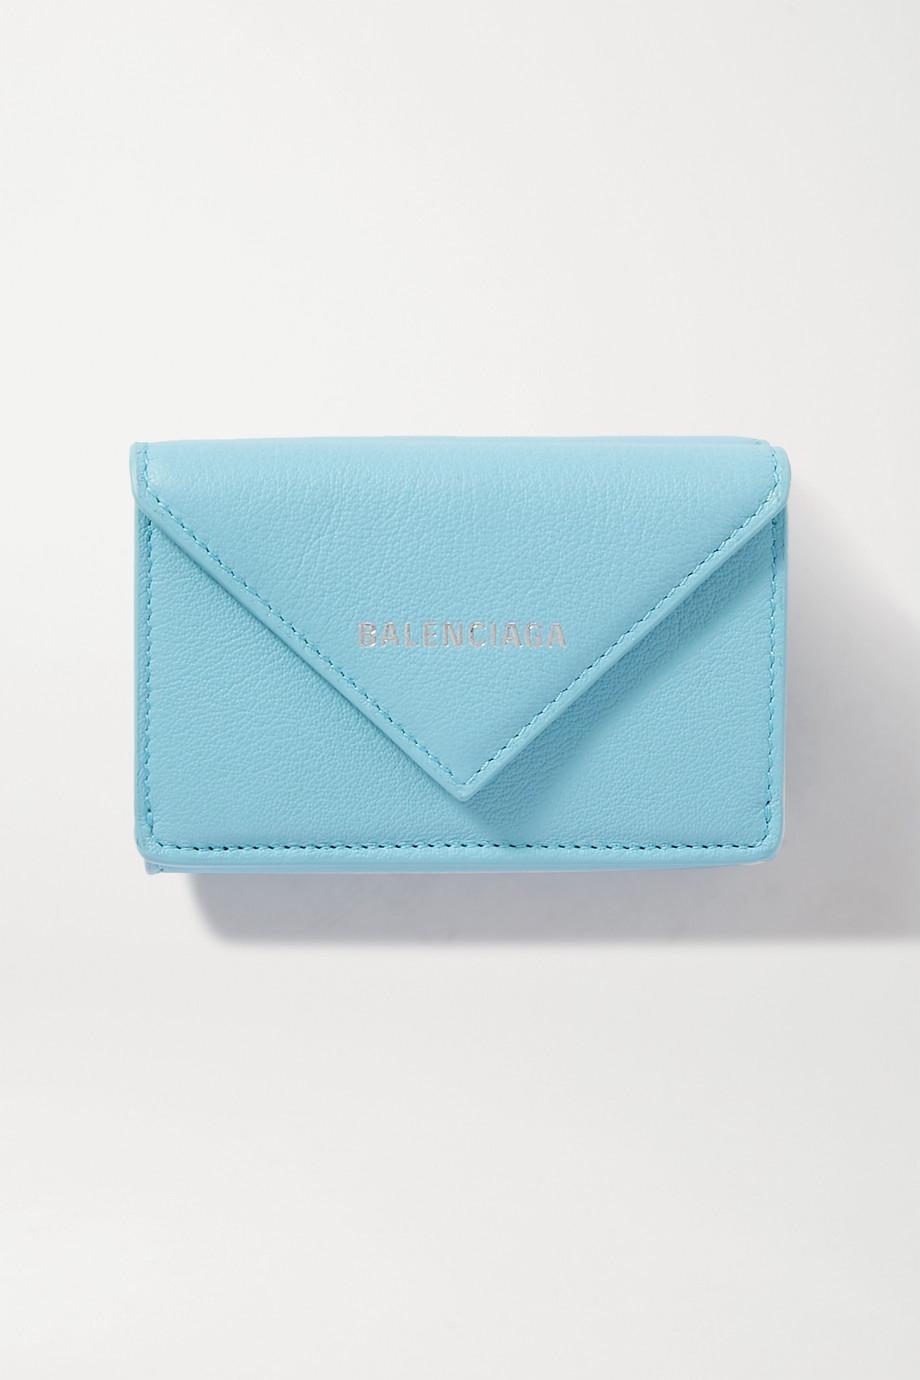 Balenciaga Portefeuille en cuir texturé imprimé Papier Mini